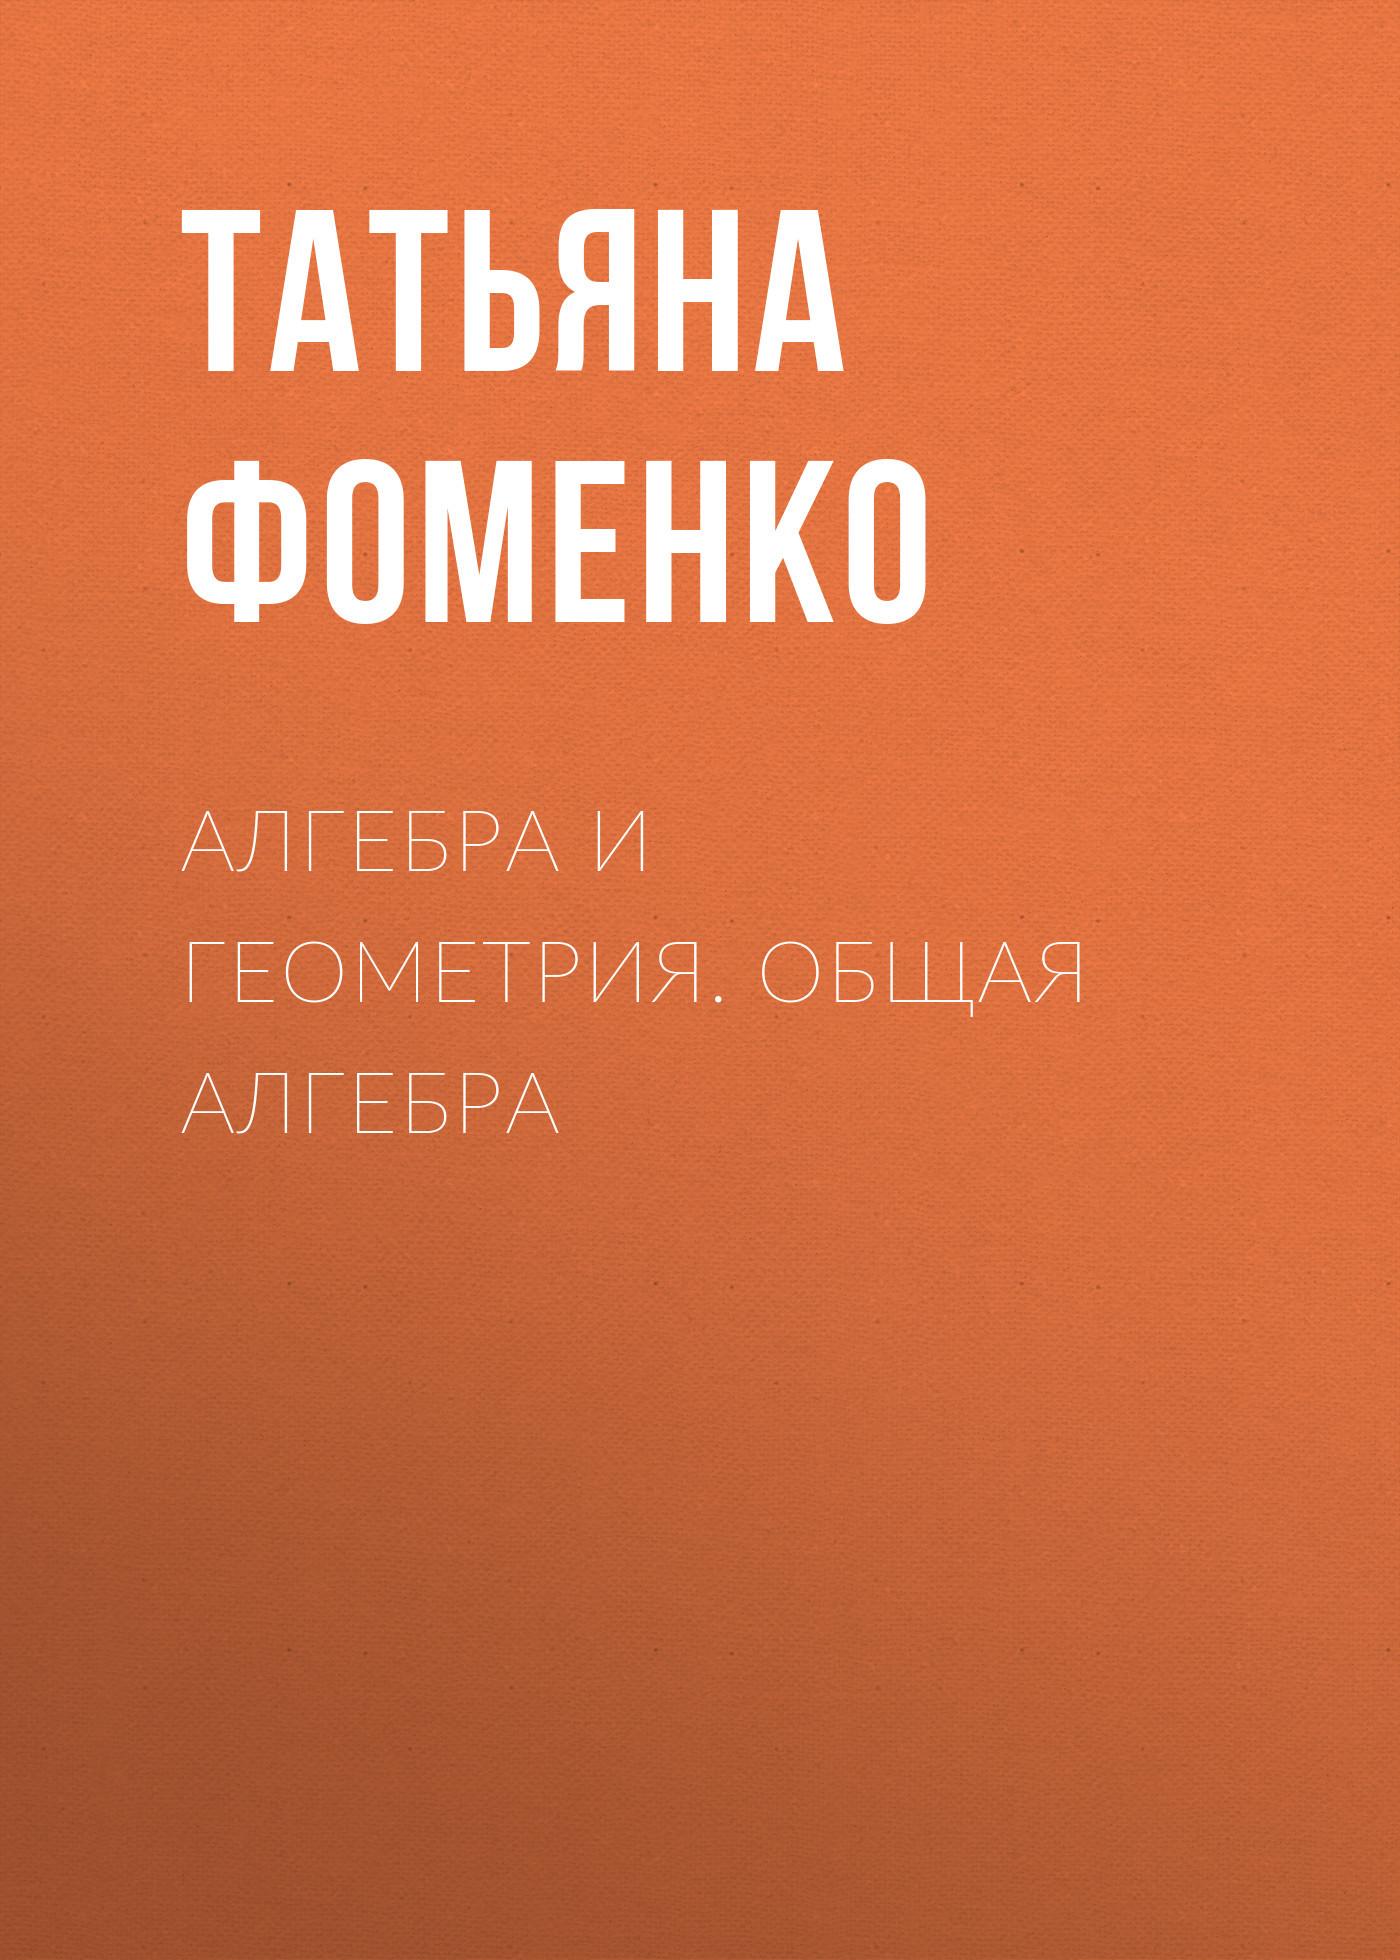 Татьяна Фоменко бесплатно